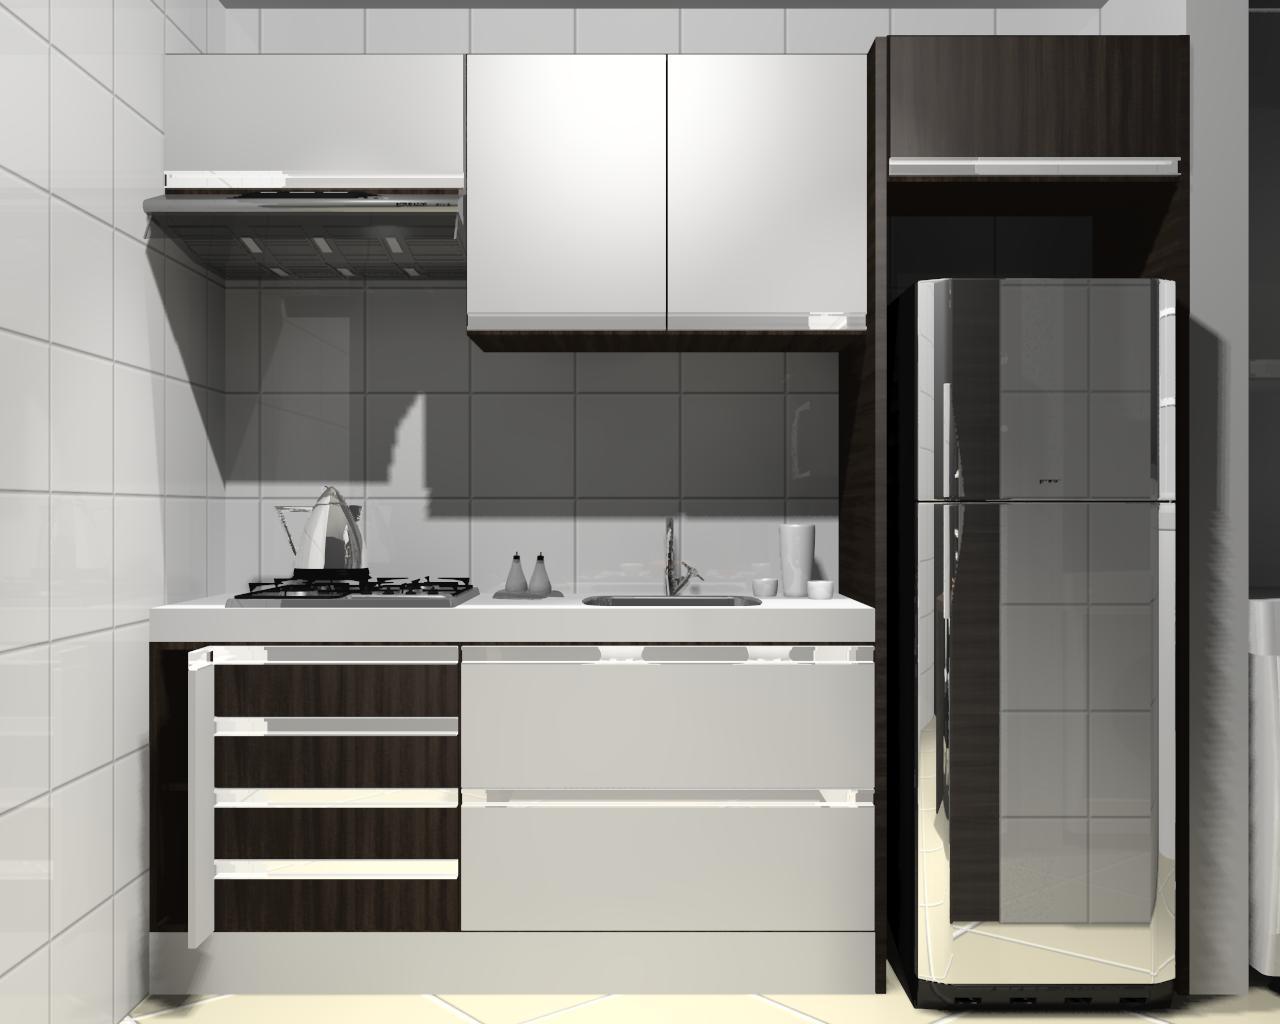 Design de Interiores ® #2F2C28 1280 1024